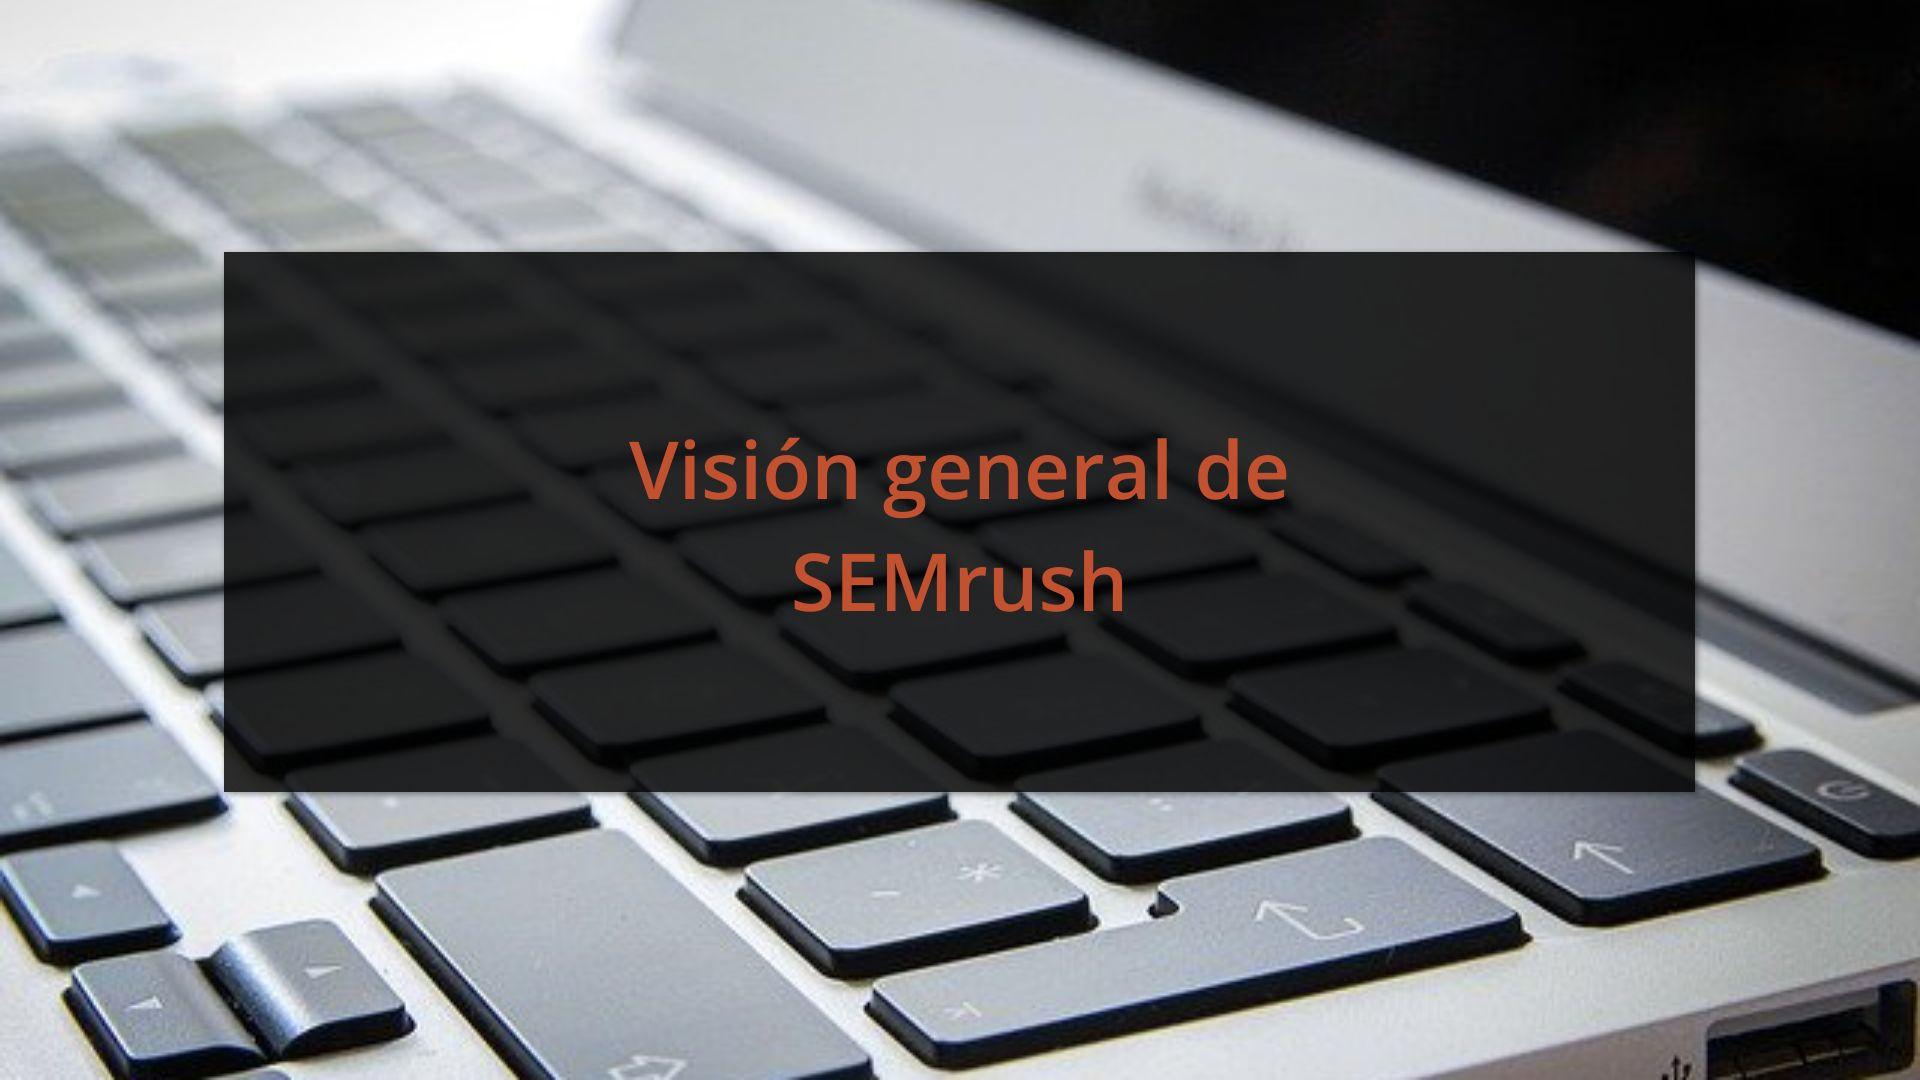 Visión general de SEMrush